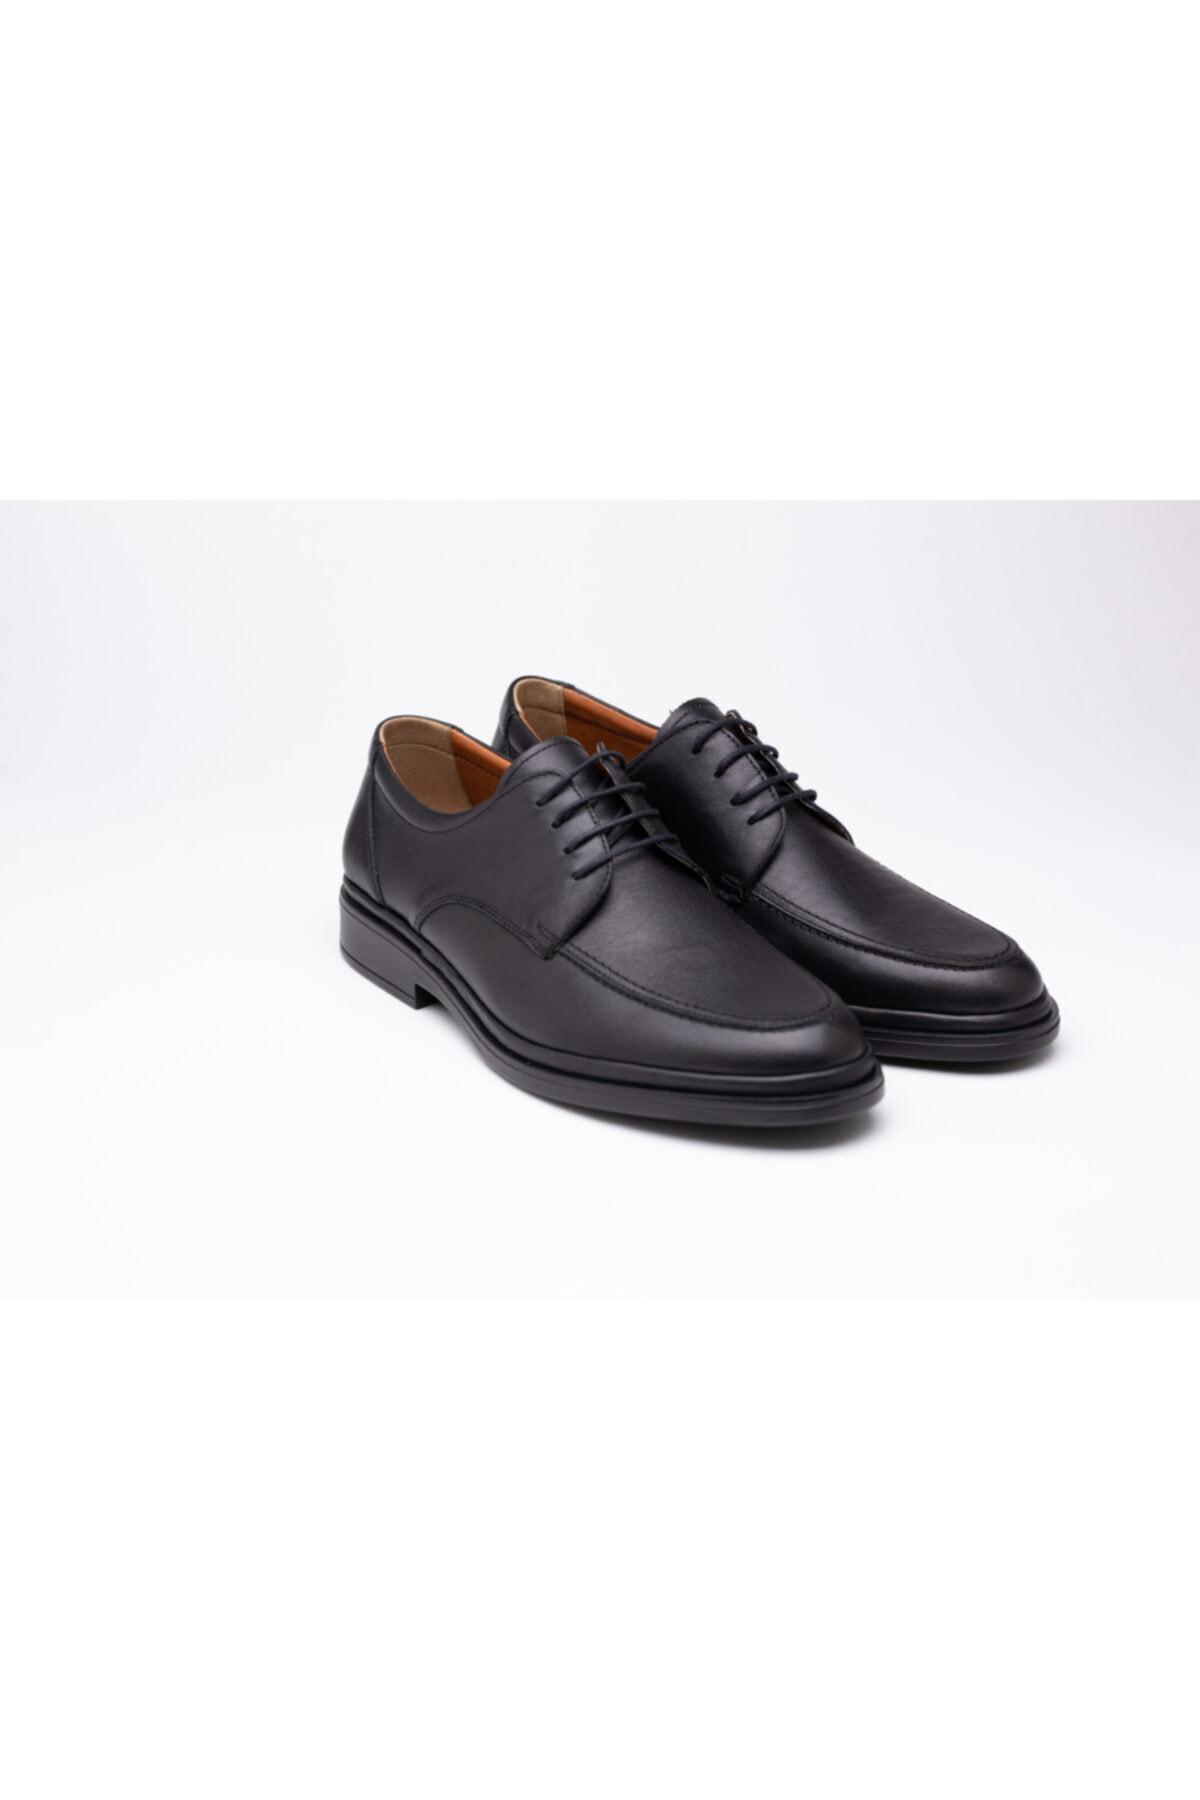 قیمت کفش کلاسیک مردانه برند Otantik رنگ مشکی کد ty114423053